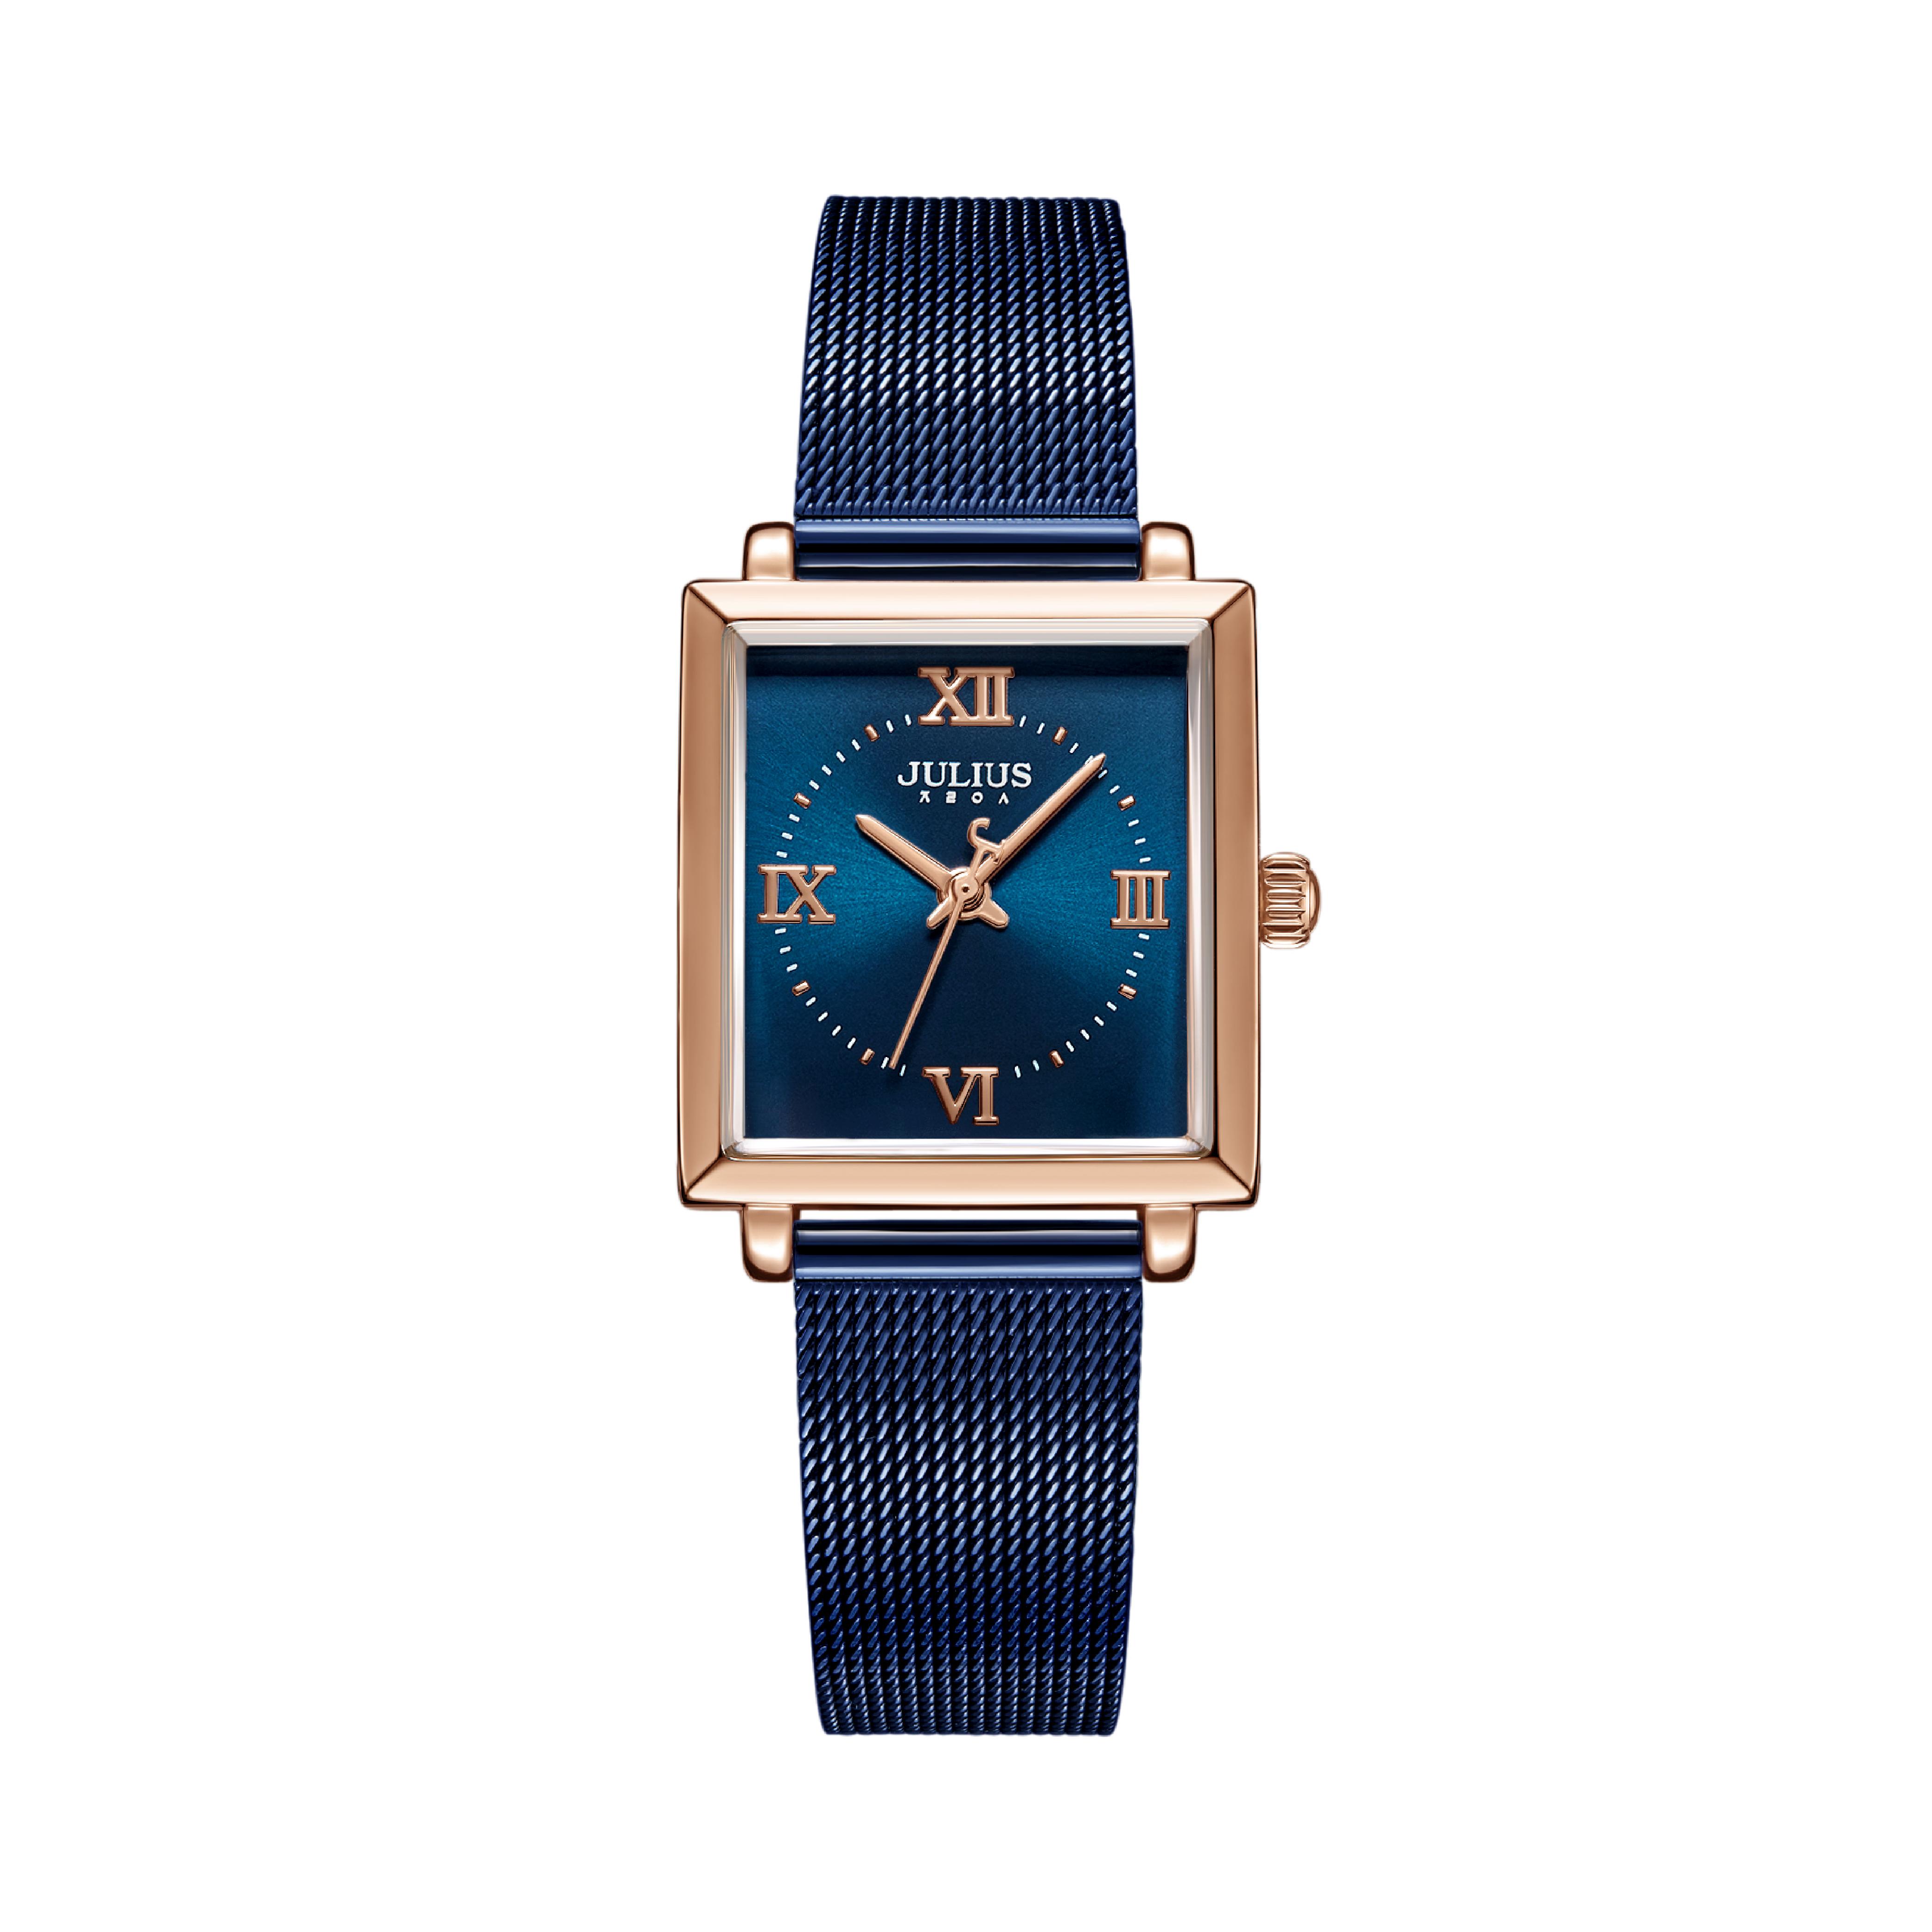 นาฬิกาข้อมือผู้หญิง JULIUS JA-1202 C